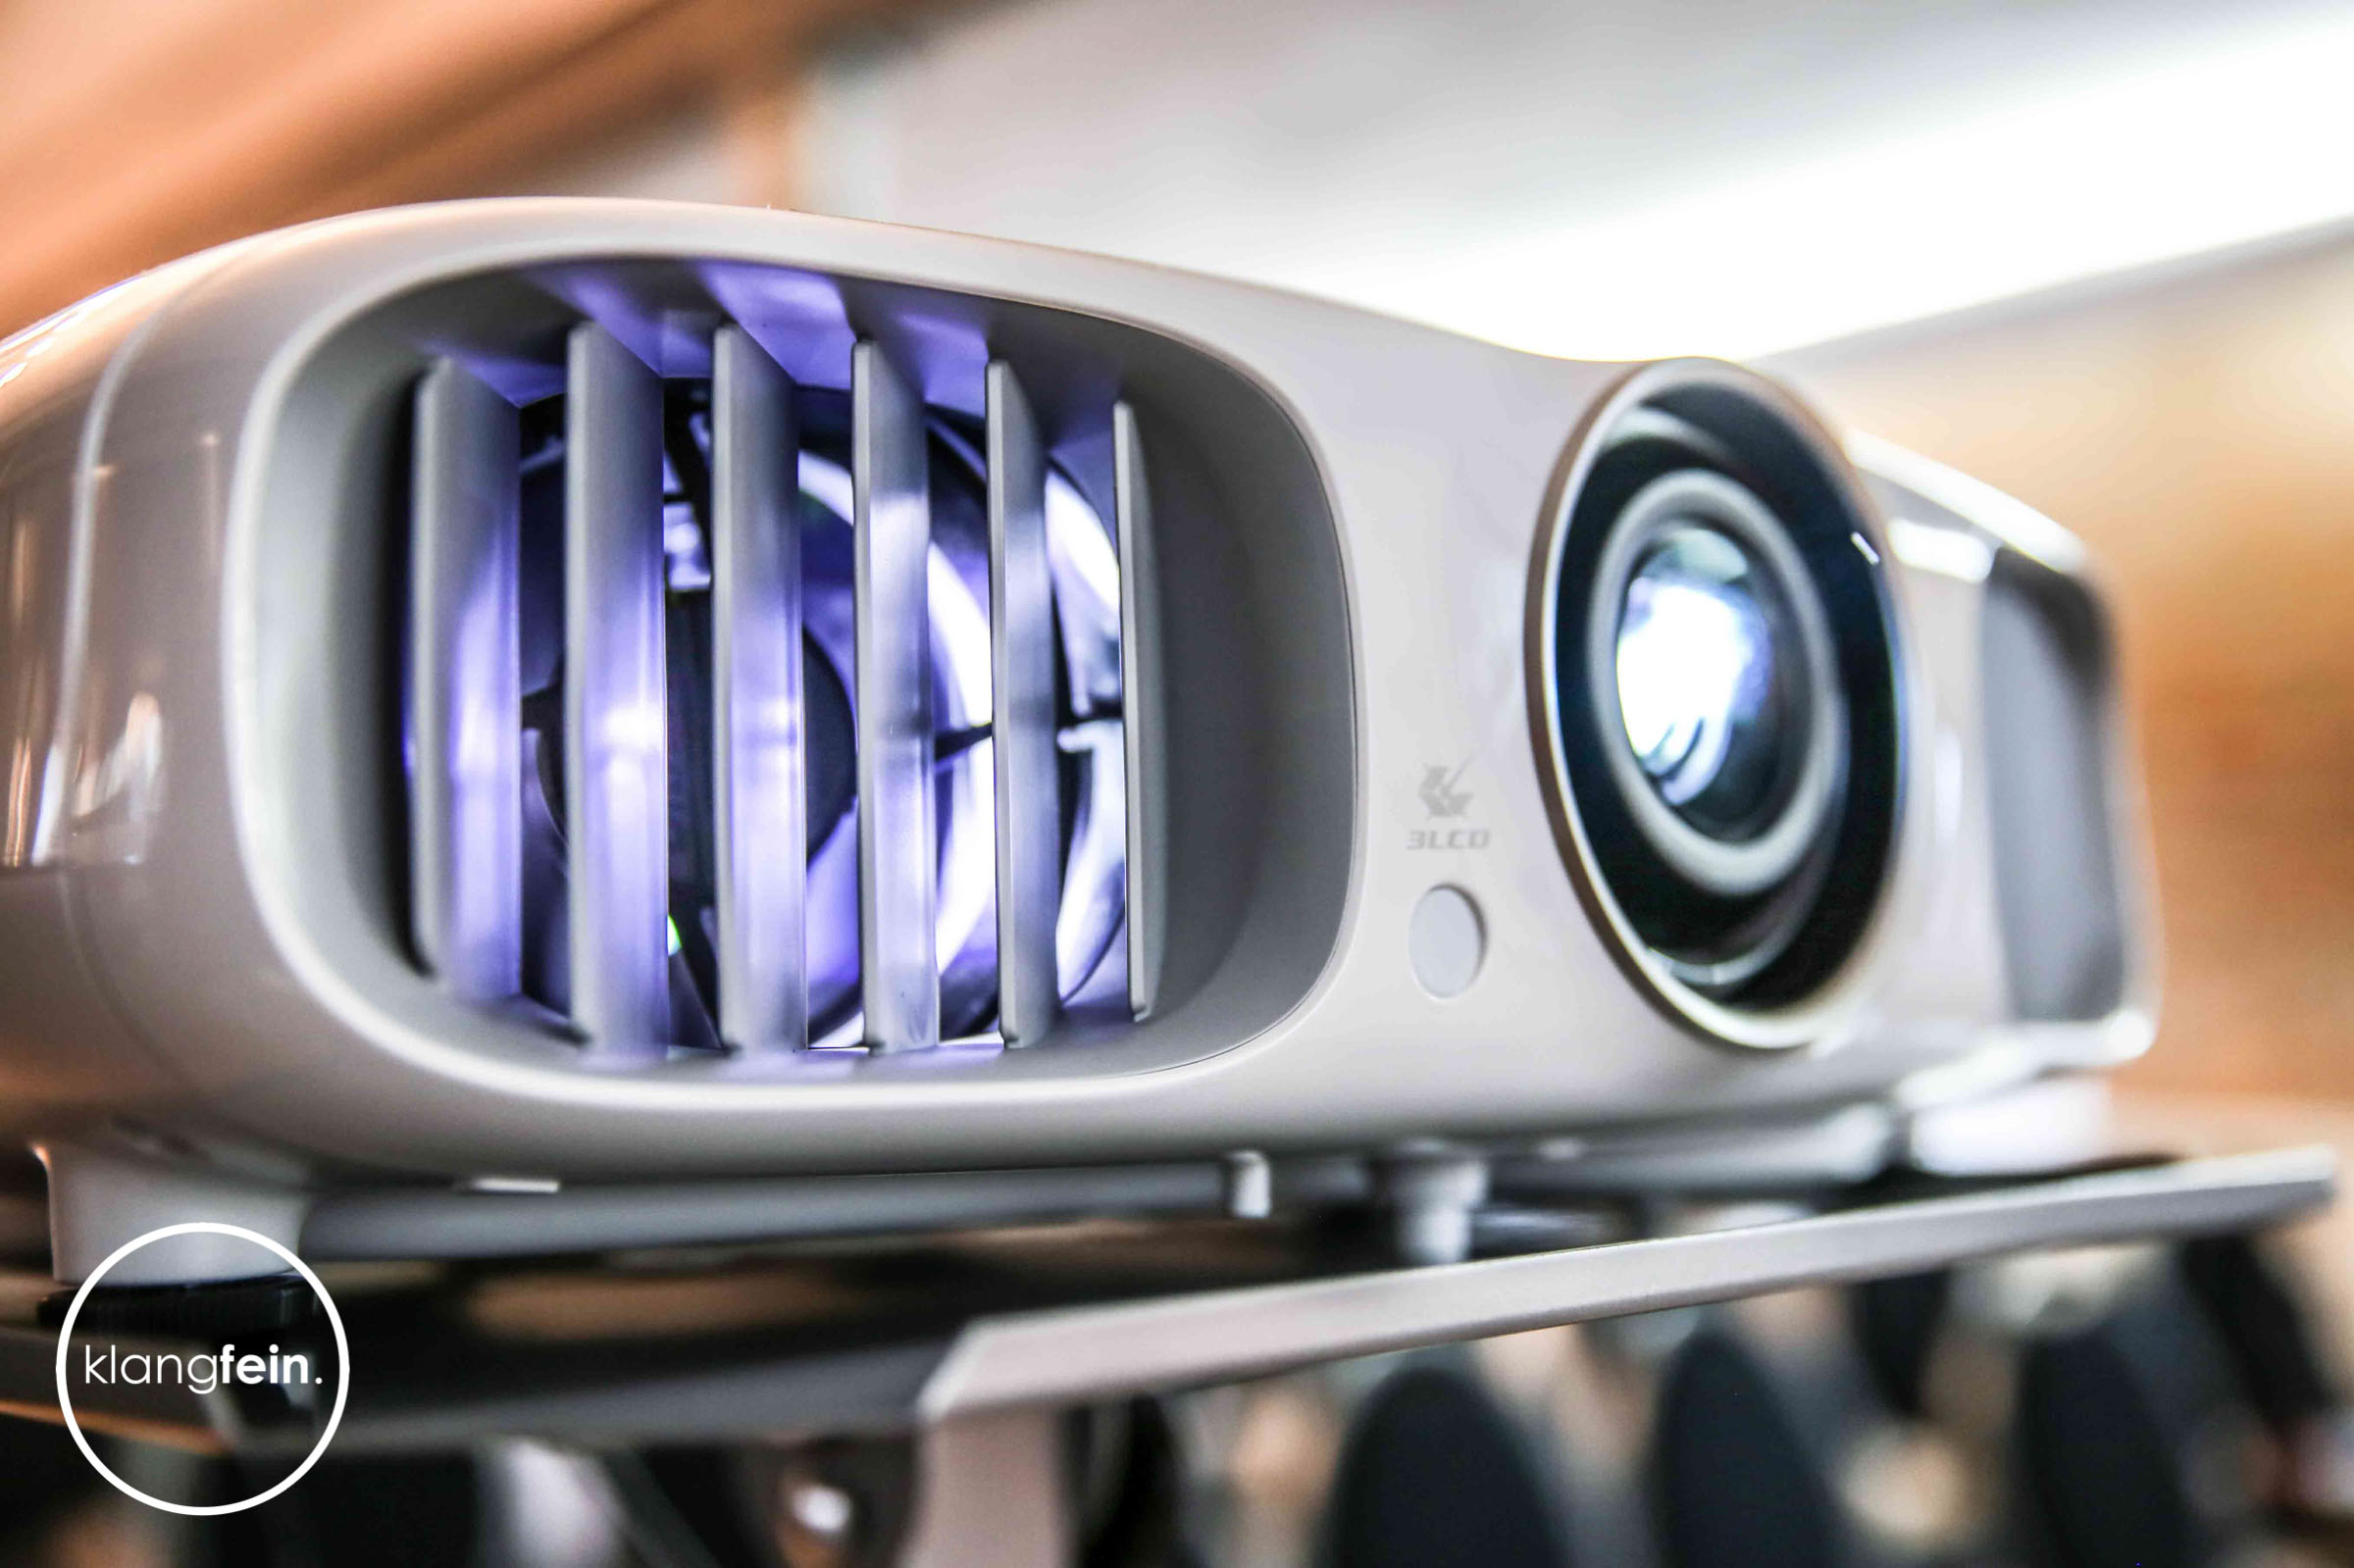 Tagungstechnik   Hannover   Flip   Chart   Beamer   Leinwand   Projektor   Lichttechnik   Mikrofone   Bühne   Podest   Rednerpult   Leihen   Mieten   Buchen